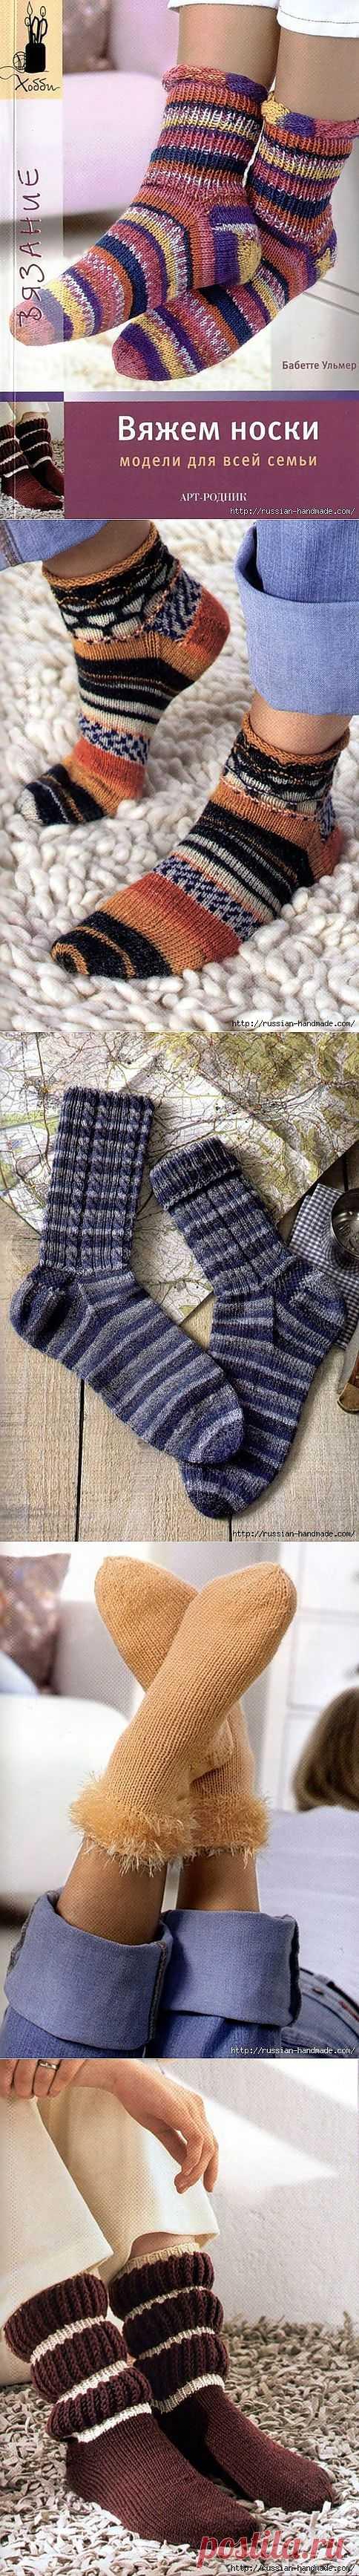 Носки спицами вяжем для всей семьи.